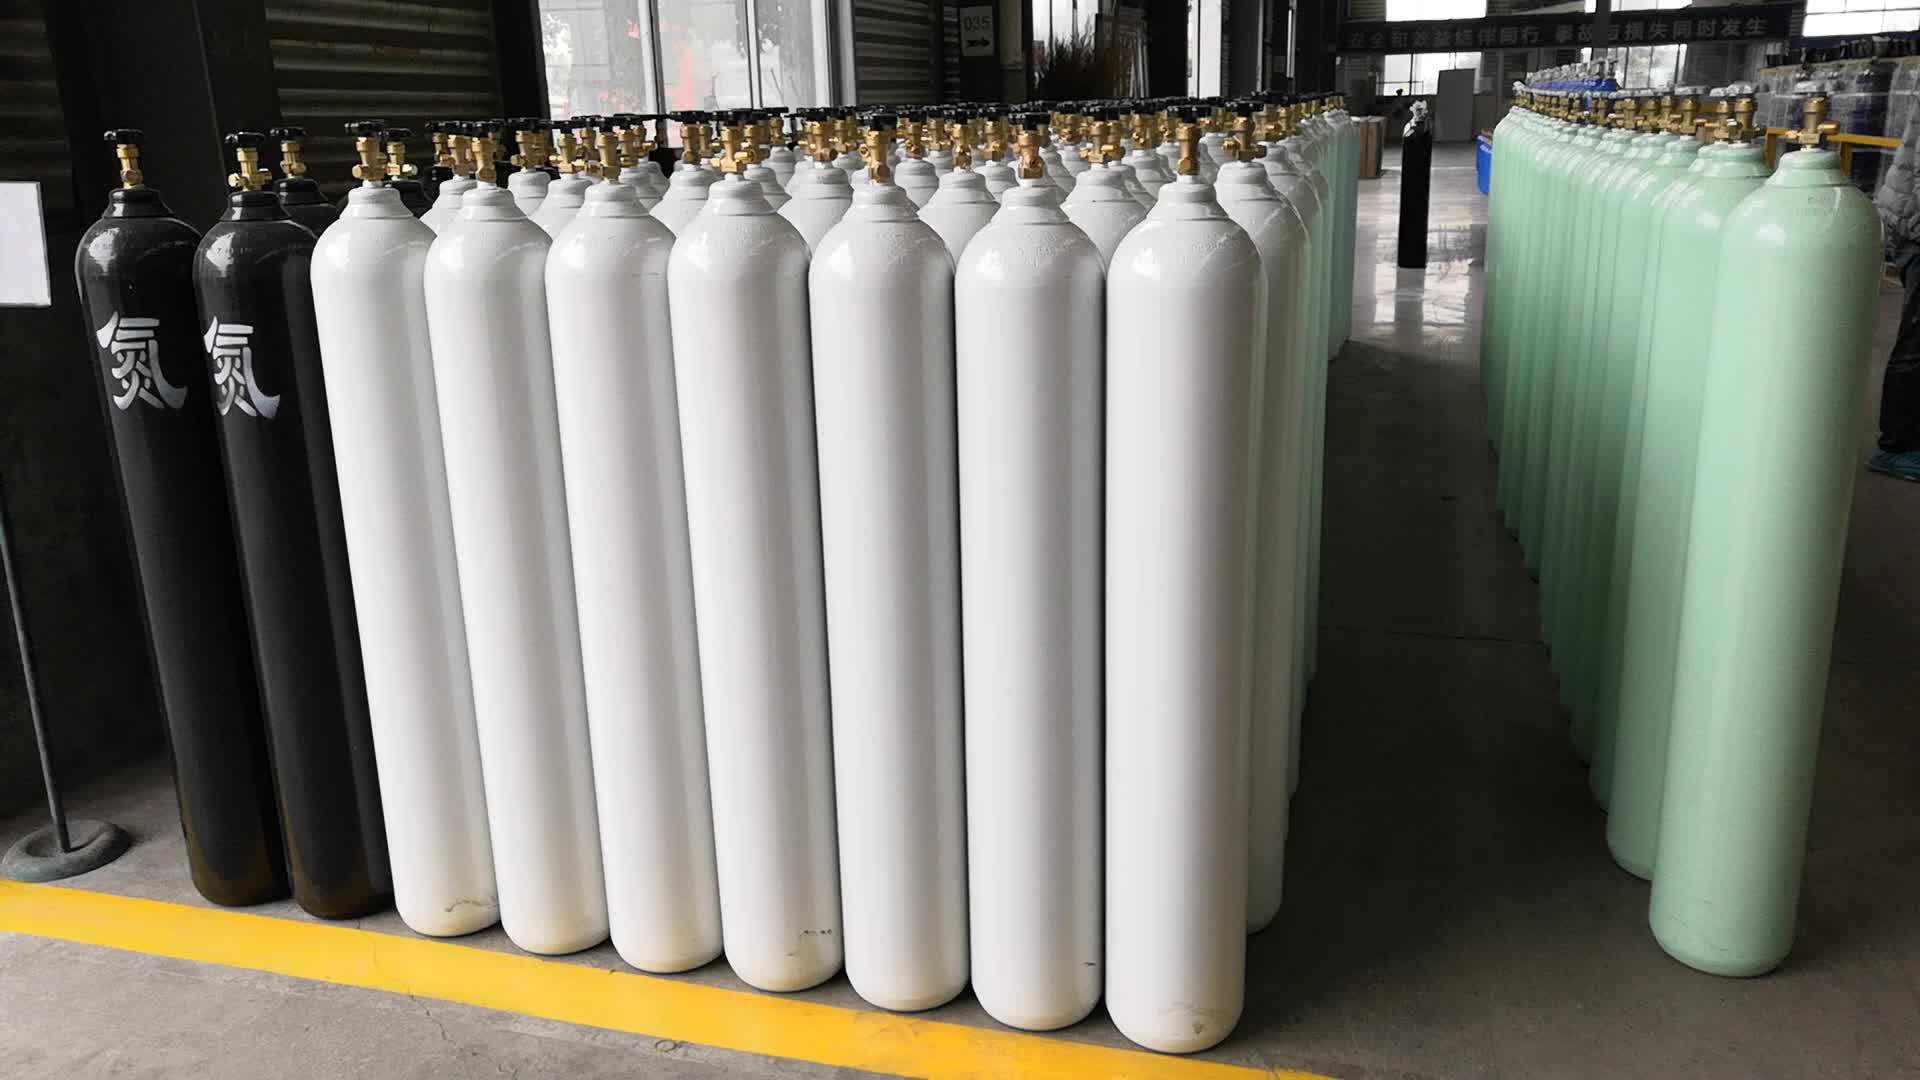 Yüksek Basınçlı 200Bar 47L Kapasiteli nitrojen gazı tüpü Fiyat